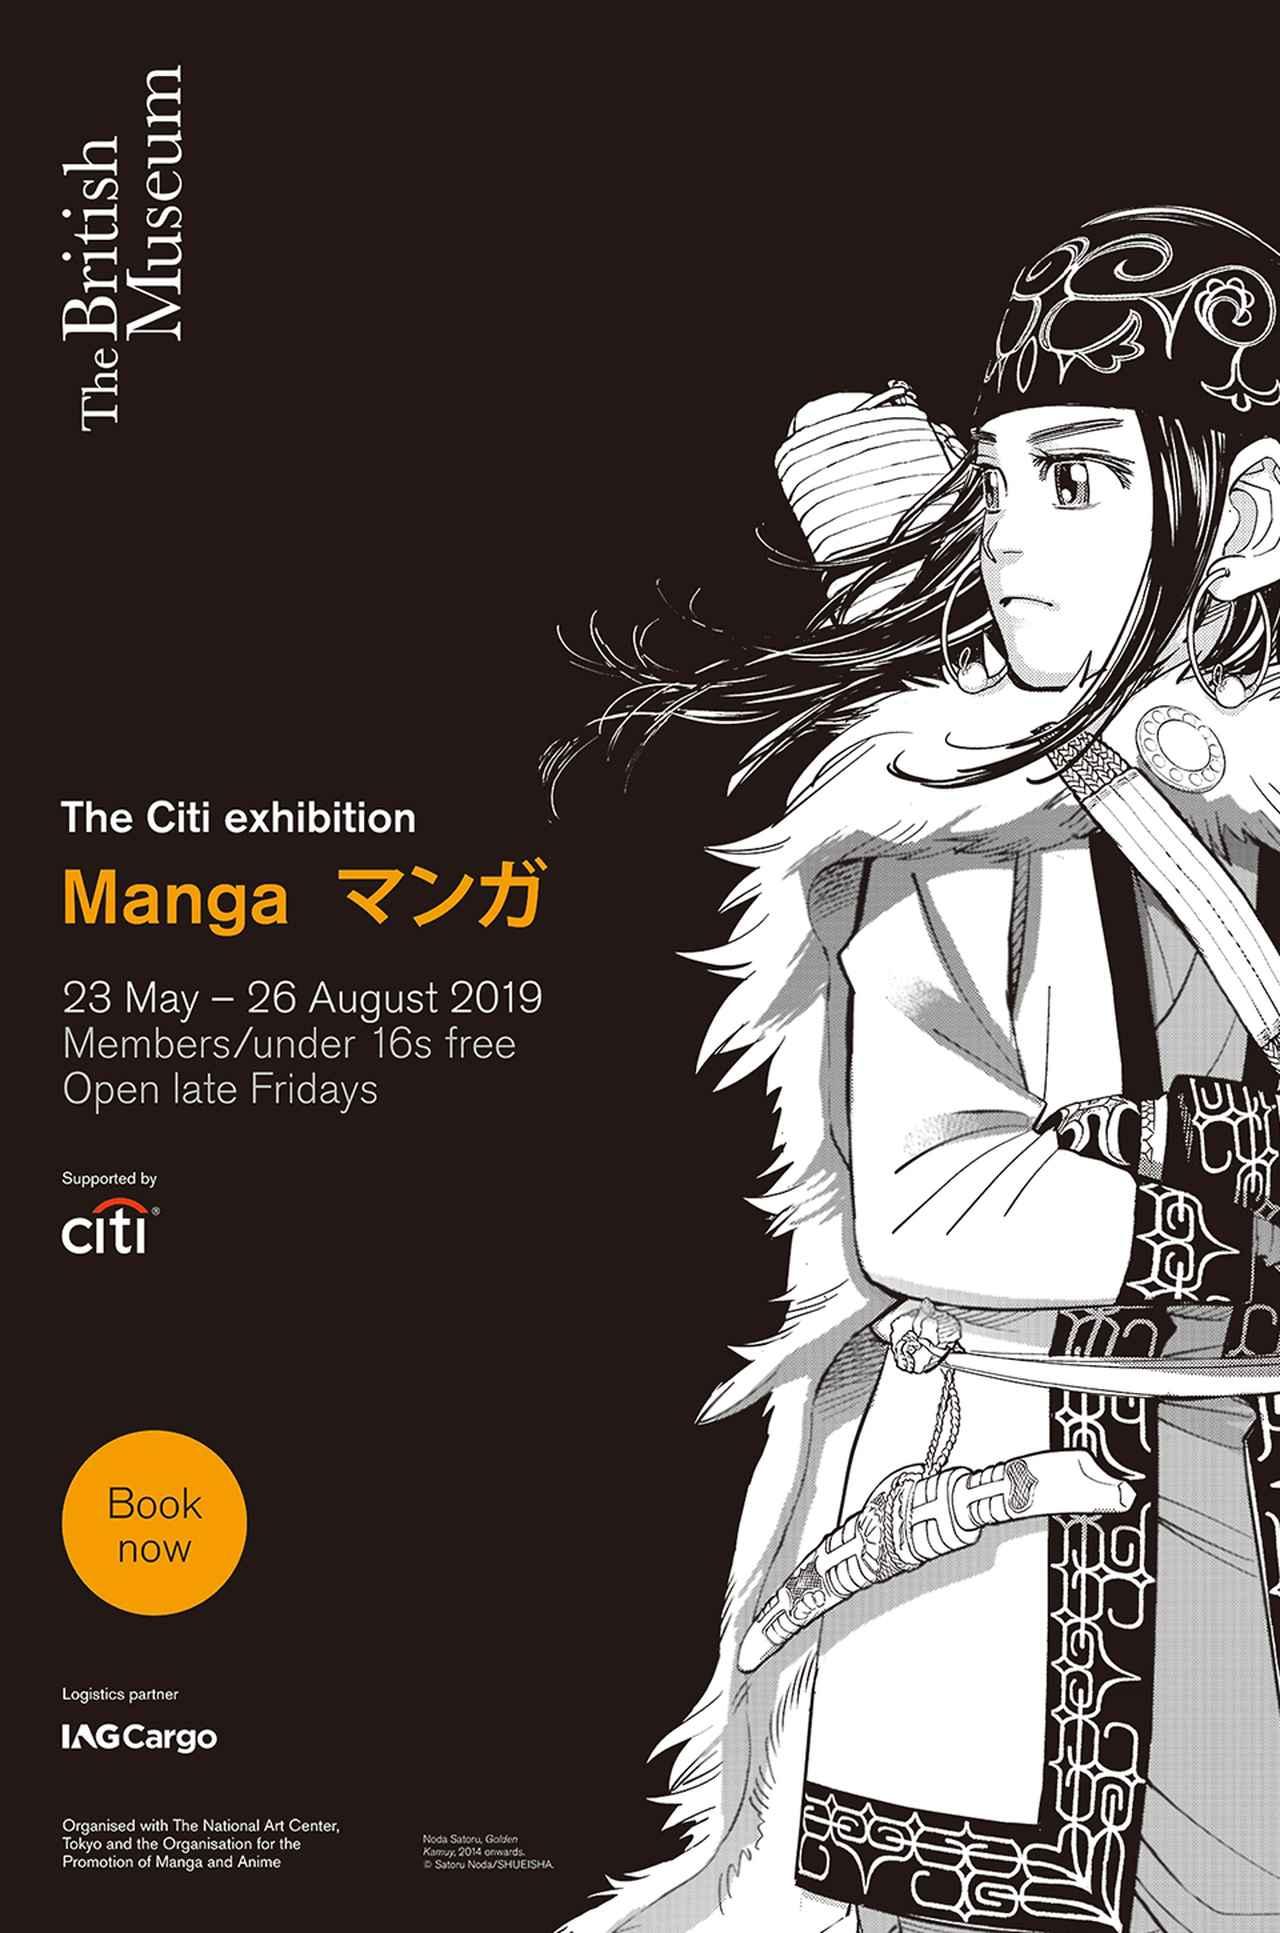 Images : 『Manga』展のキービジュアル